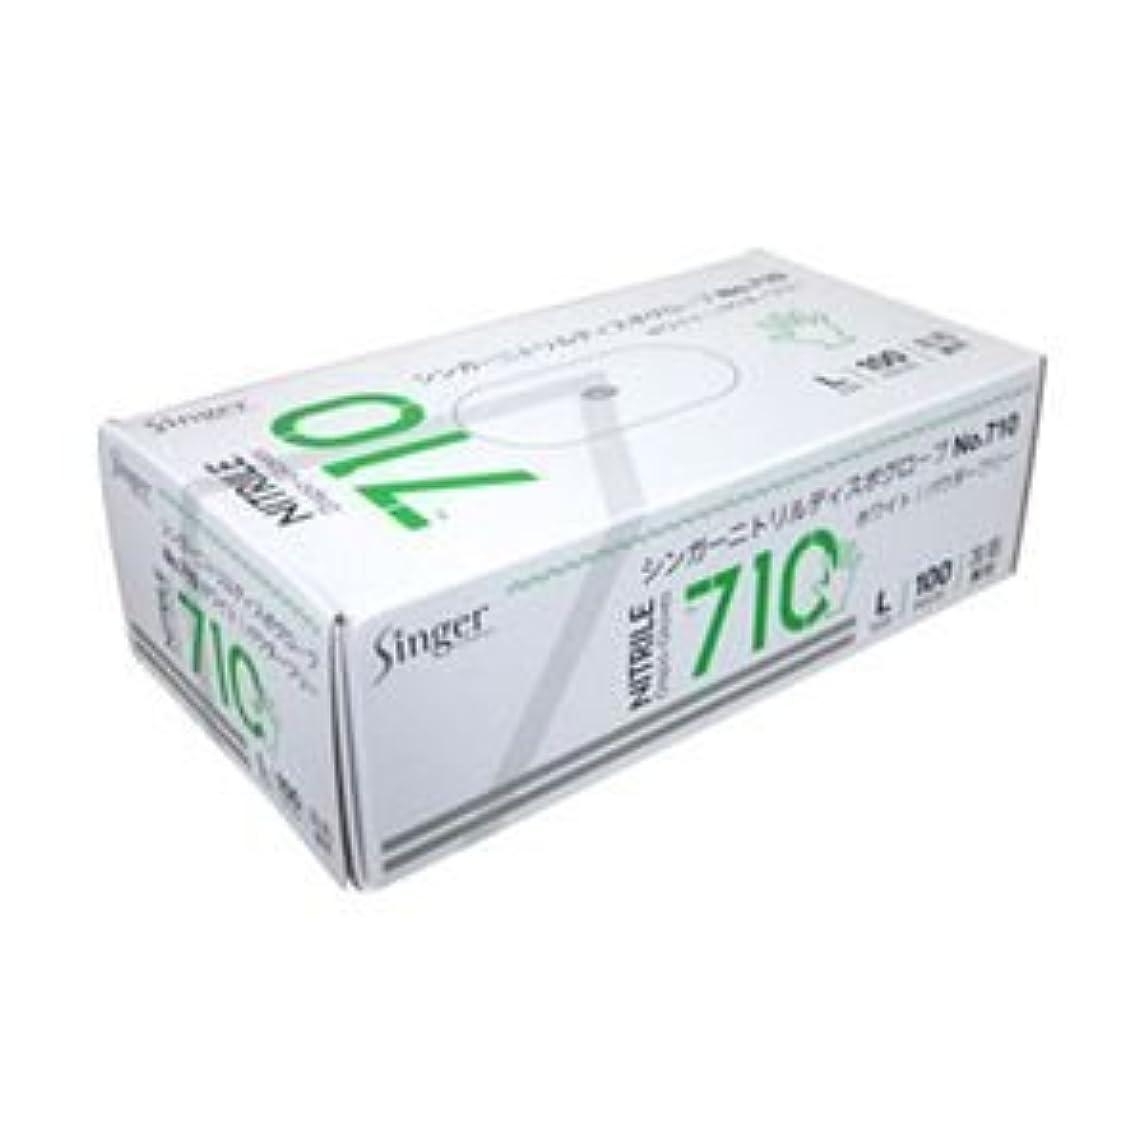 薬いわゆるスロベニア宇都宮製作 ニトリル手袋 粉なし ホワイト L 1箱(100枚) ×5セット